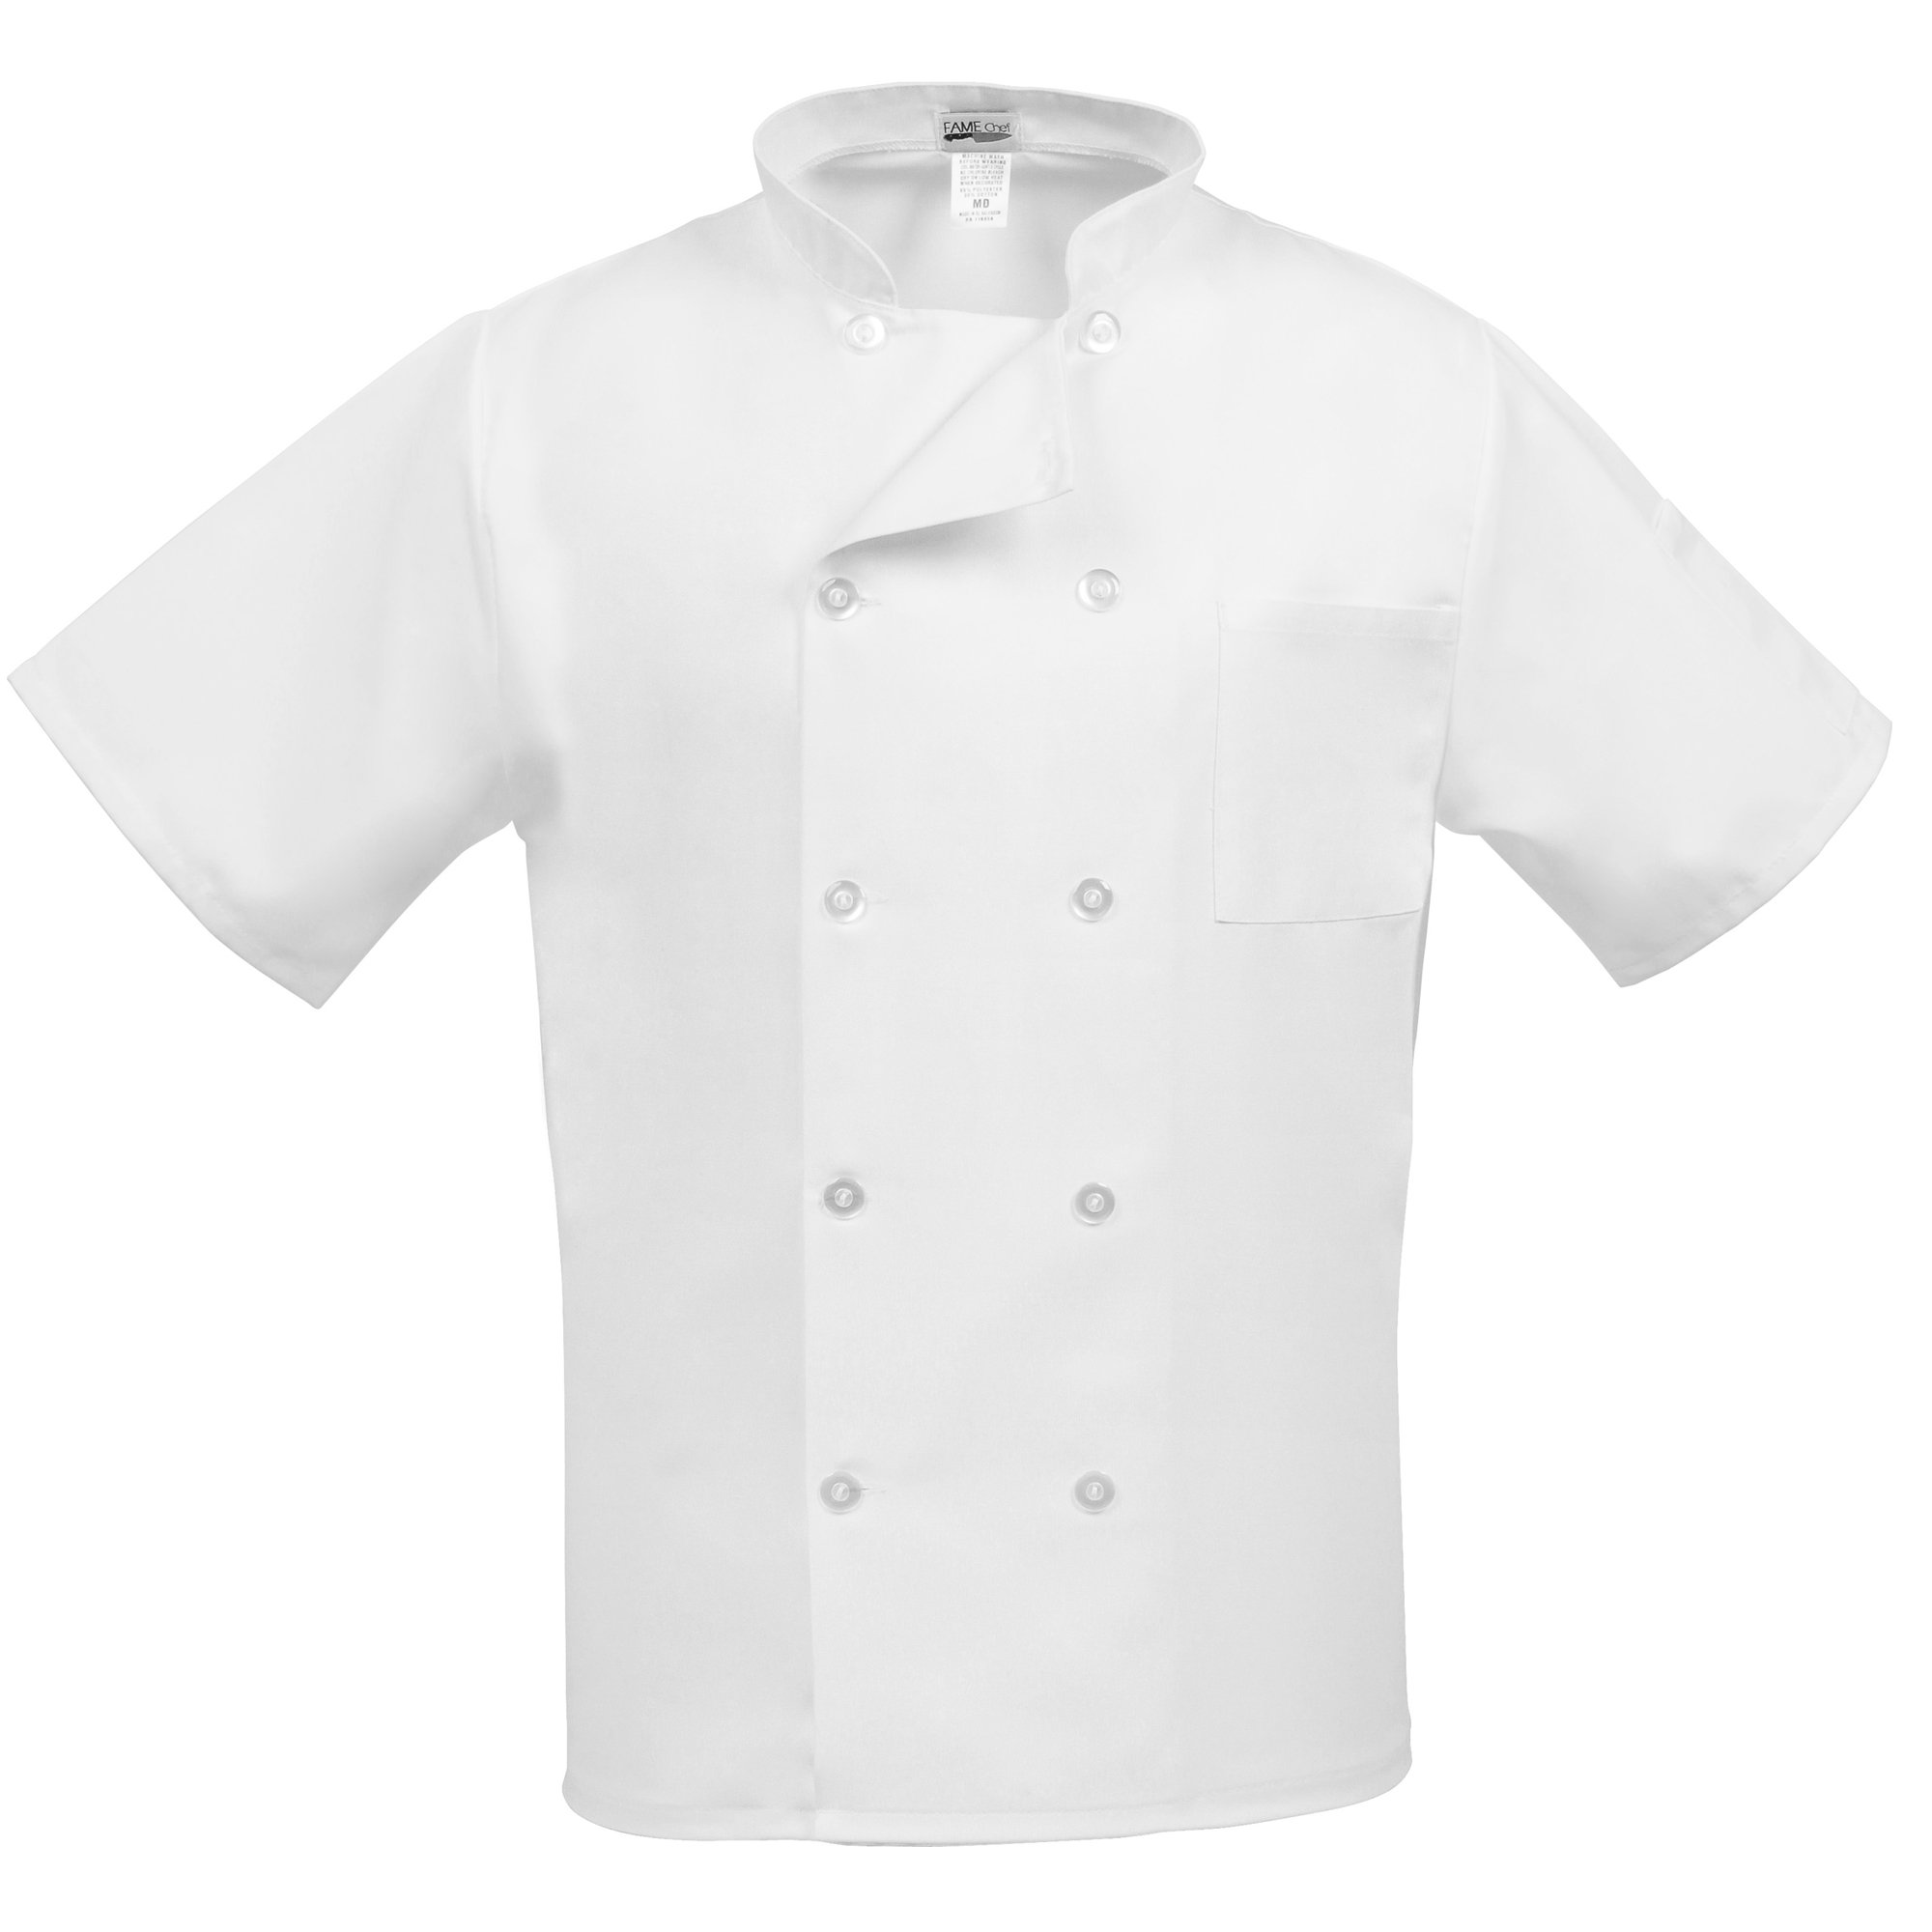 Fame Adult's Short Sleeve Chef coat -White-Medium